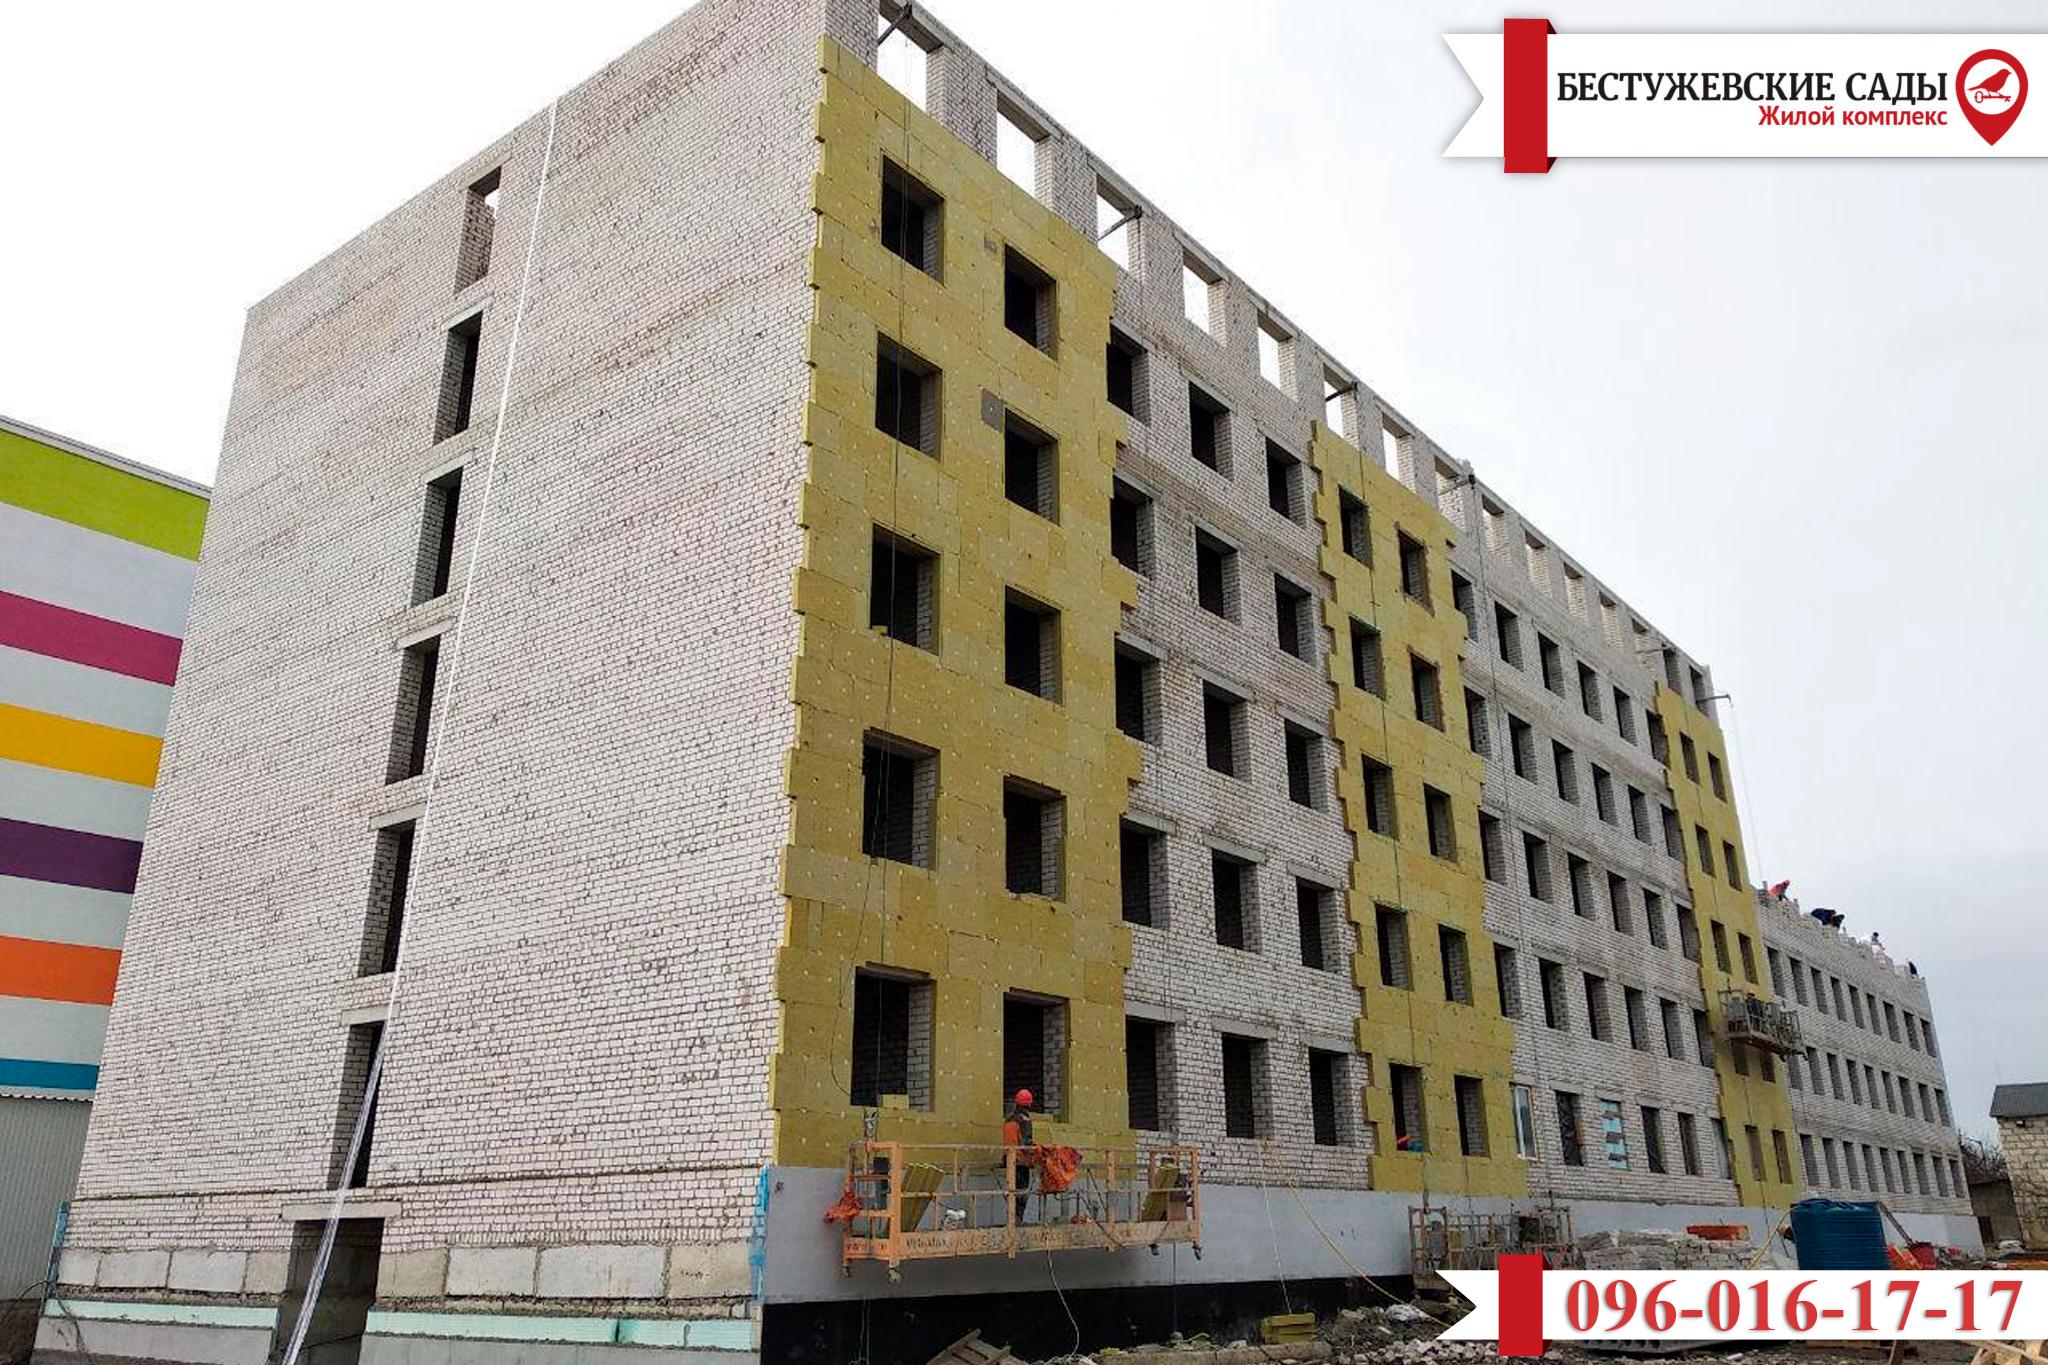 Этап строительства ЖК «Бестужевские сады»